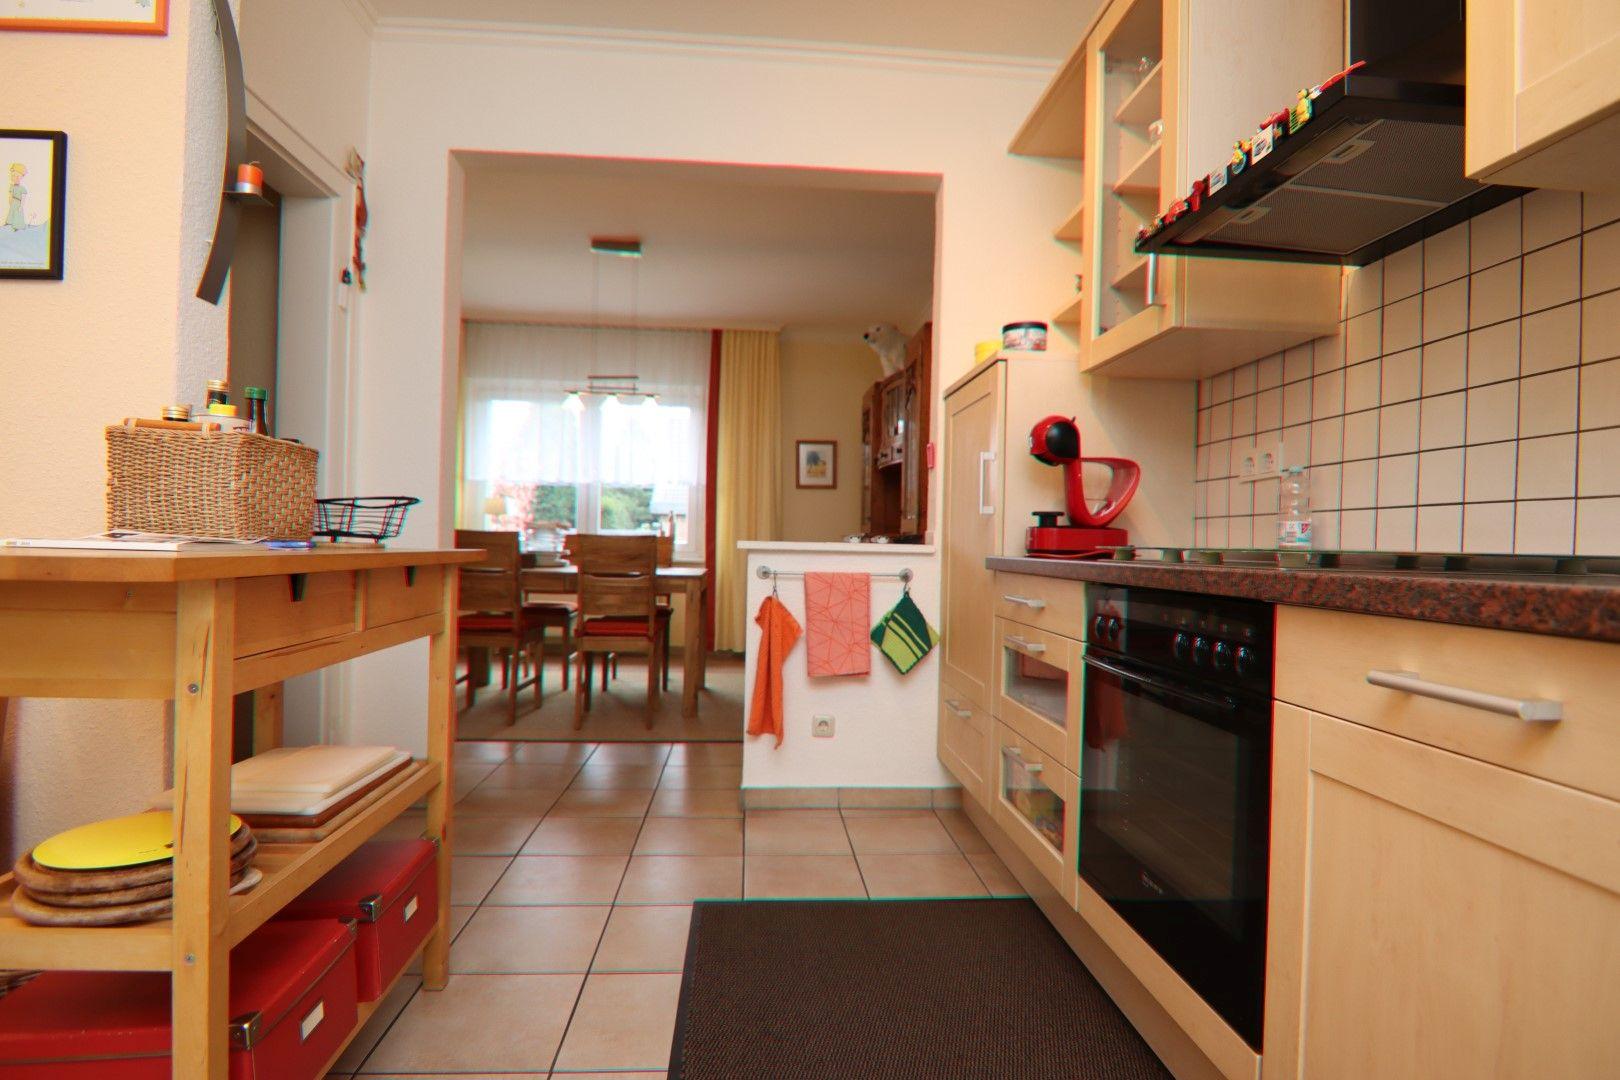 Immobilie Nr.0281 - Freistehendes EFH mit Vollkeller, Wintergarten u. Garage  - Bild 9.jpg